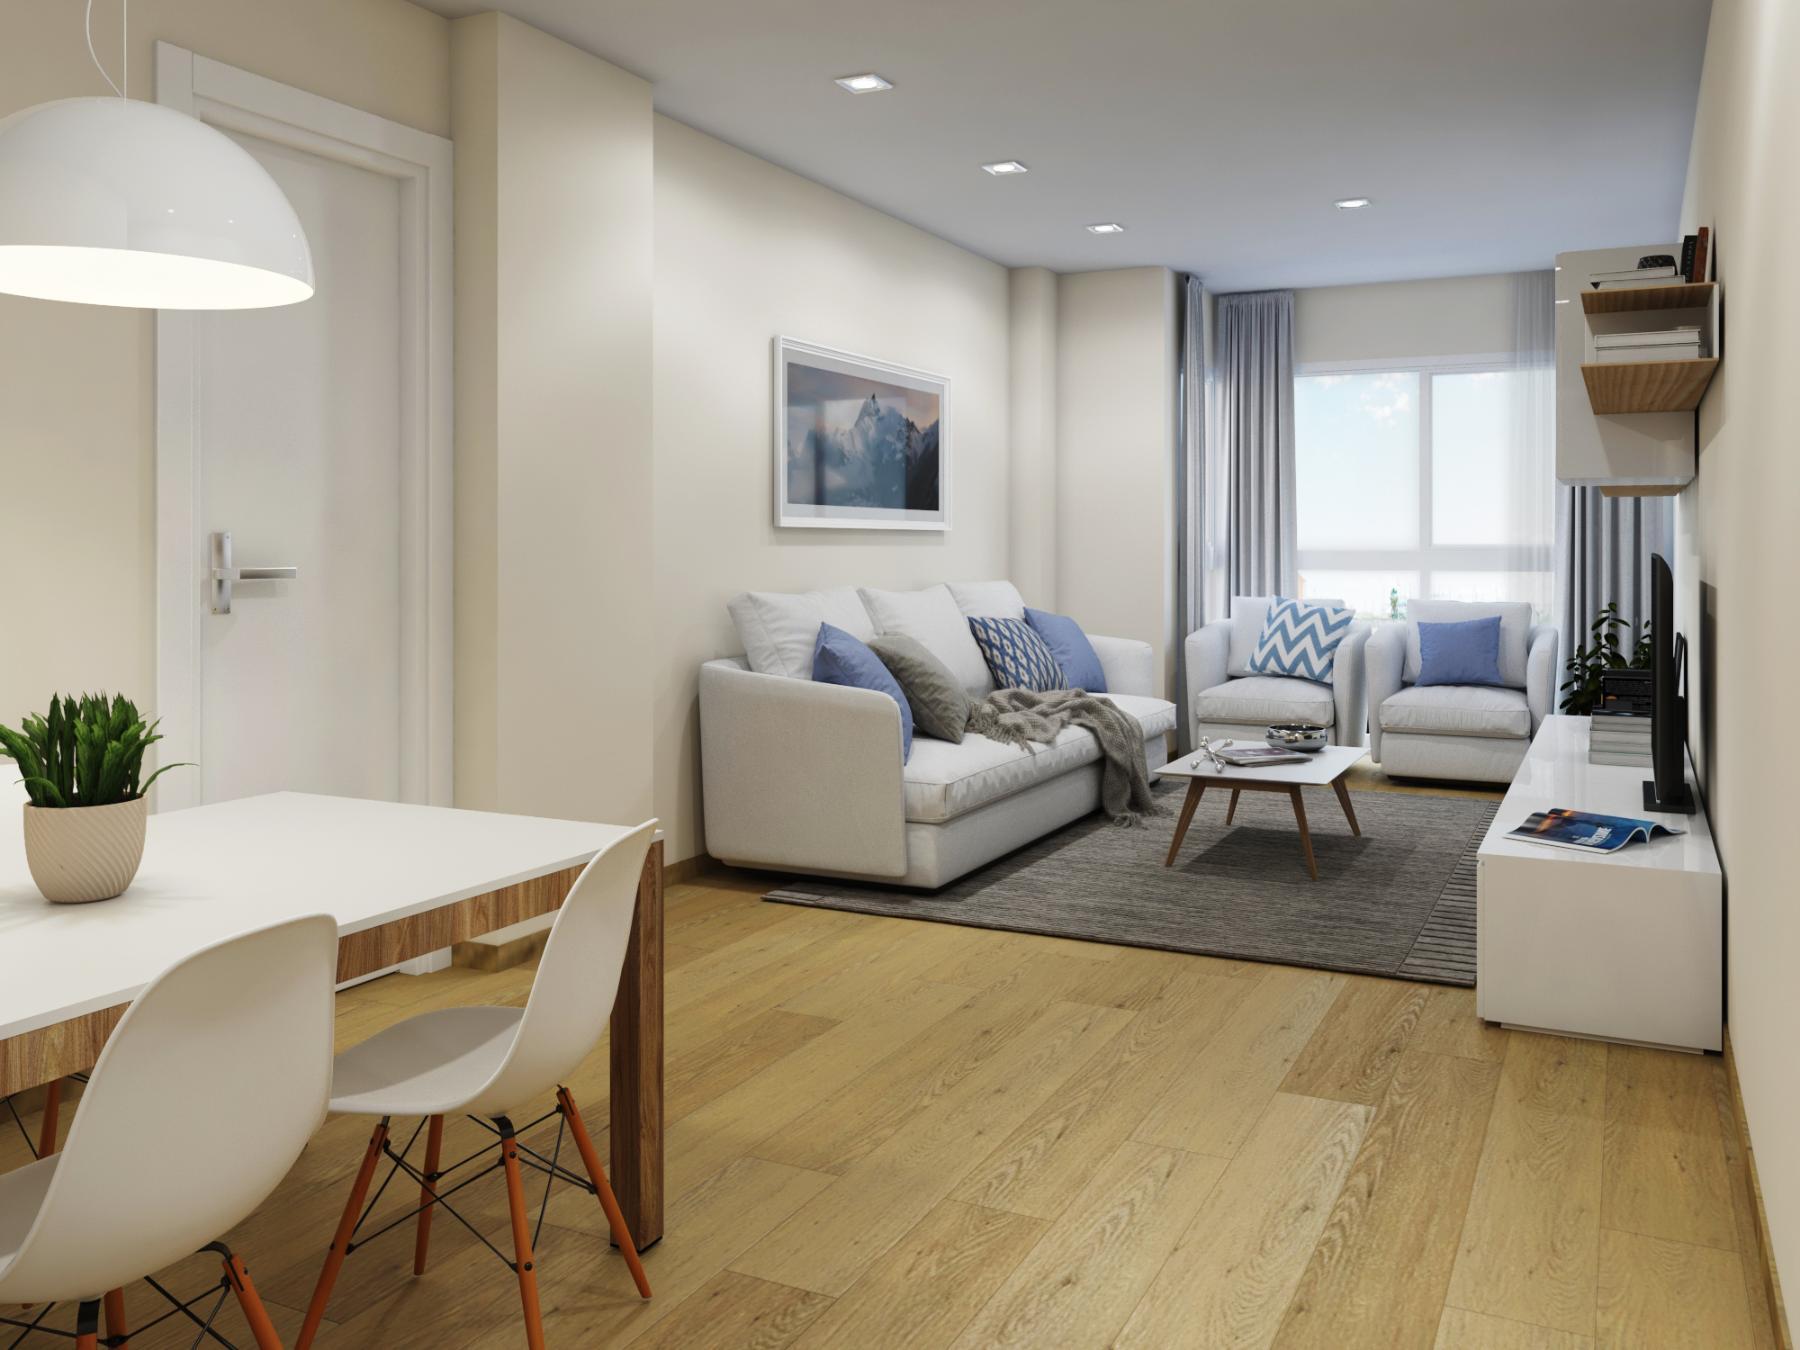 Piso en venta en Valencia, Valencia, Calle Juan Jose Sister, 230.000 €, 2 habitaciones, 1 baño, 74 m2